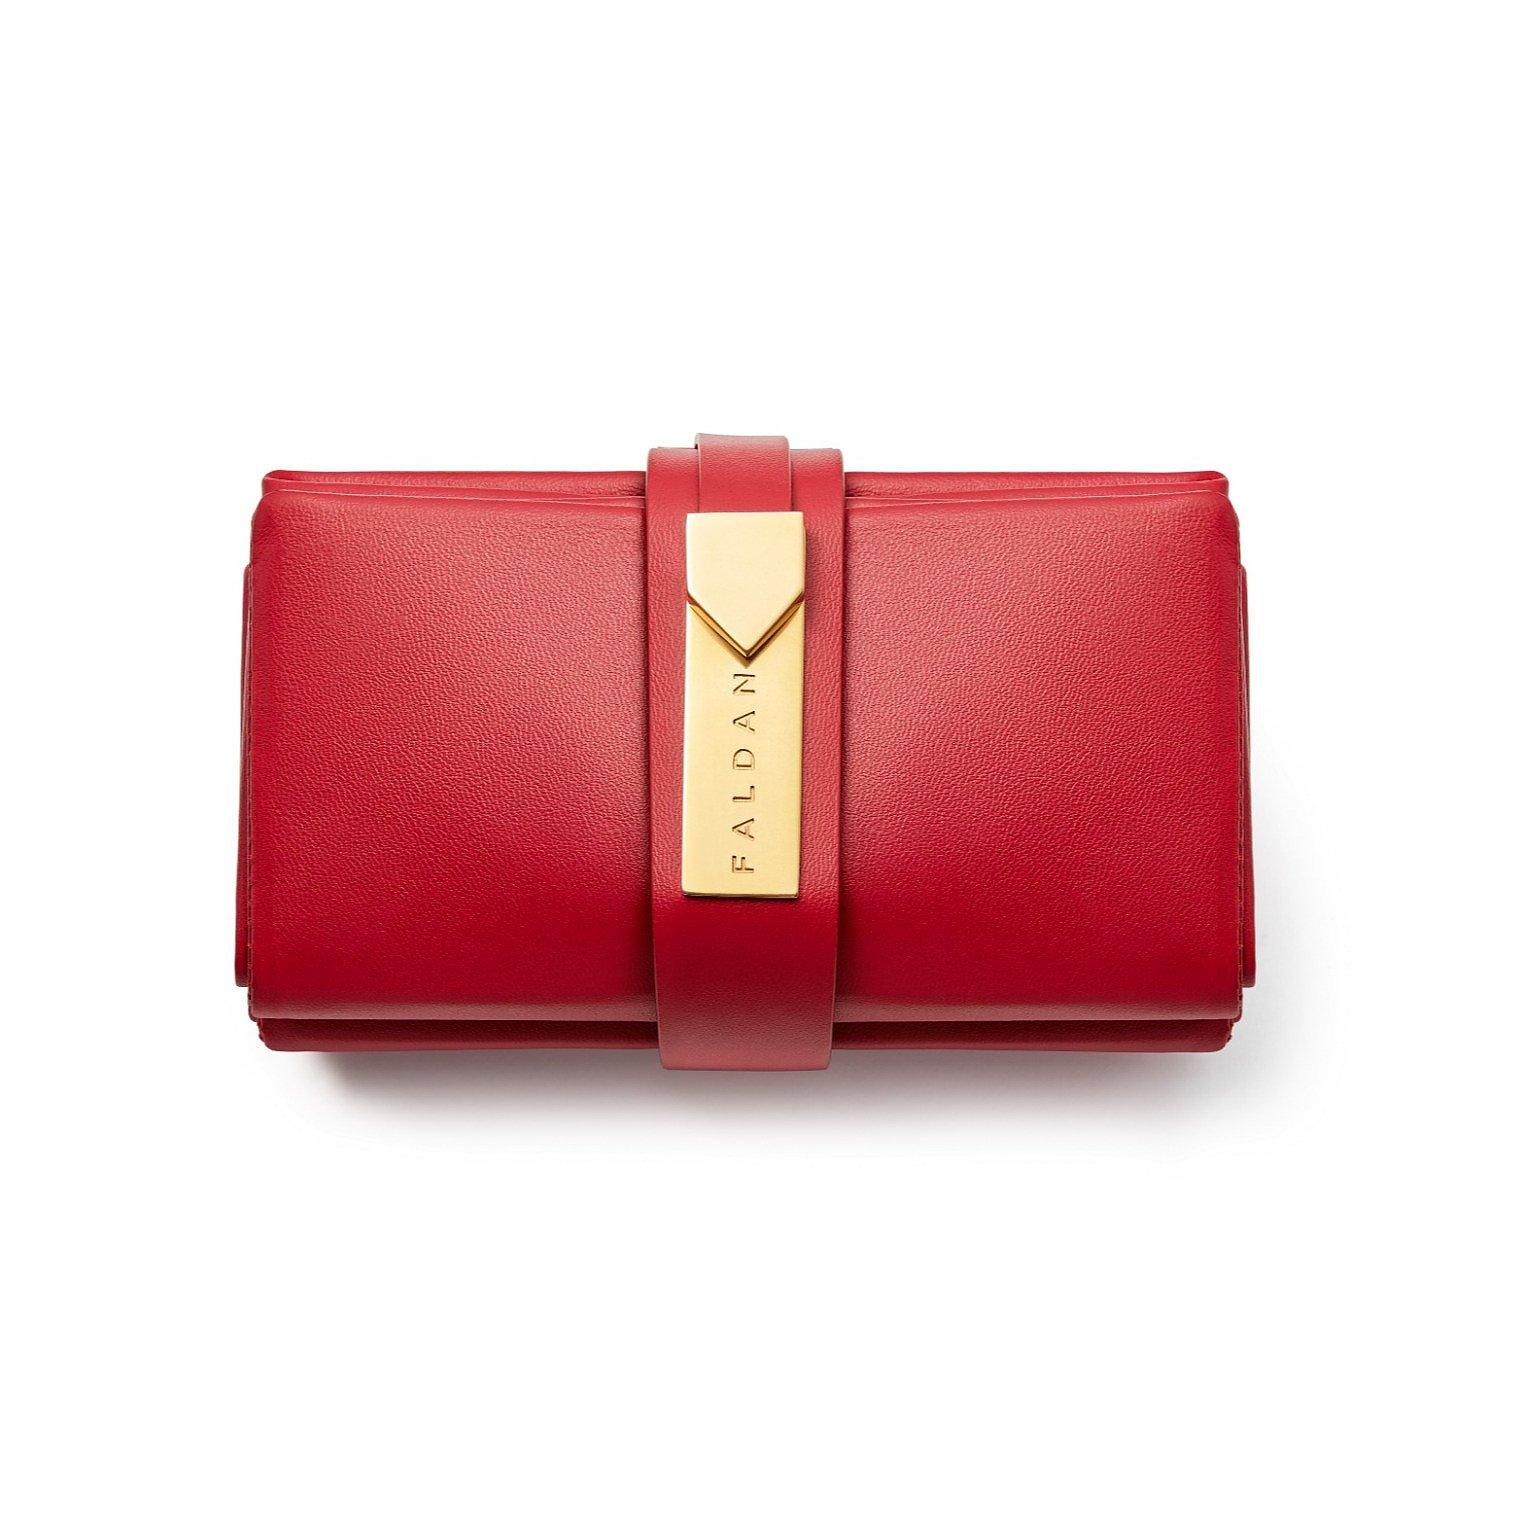 Faldan Foldable Bag